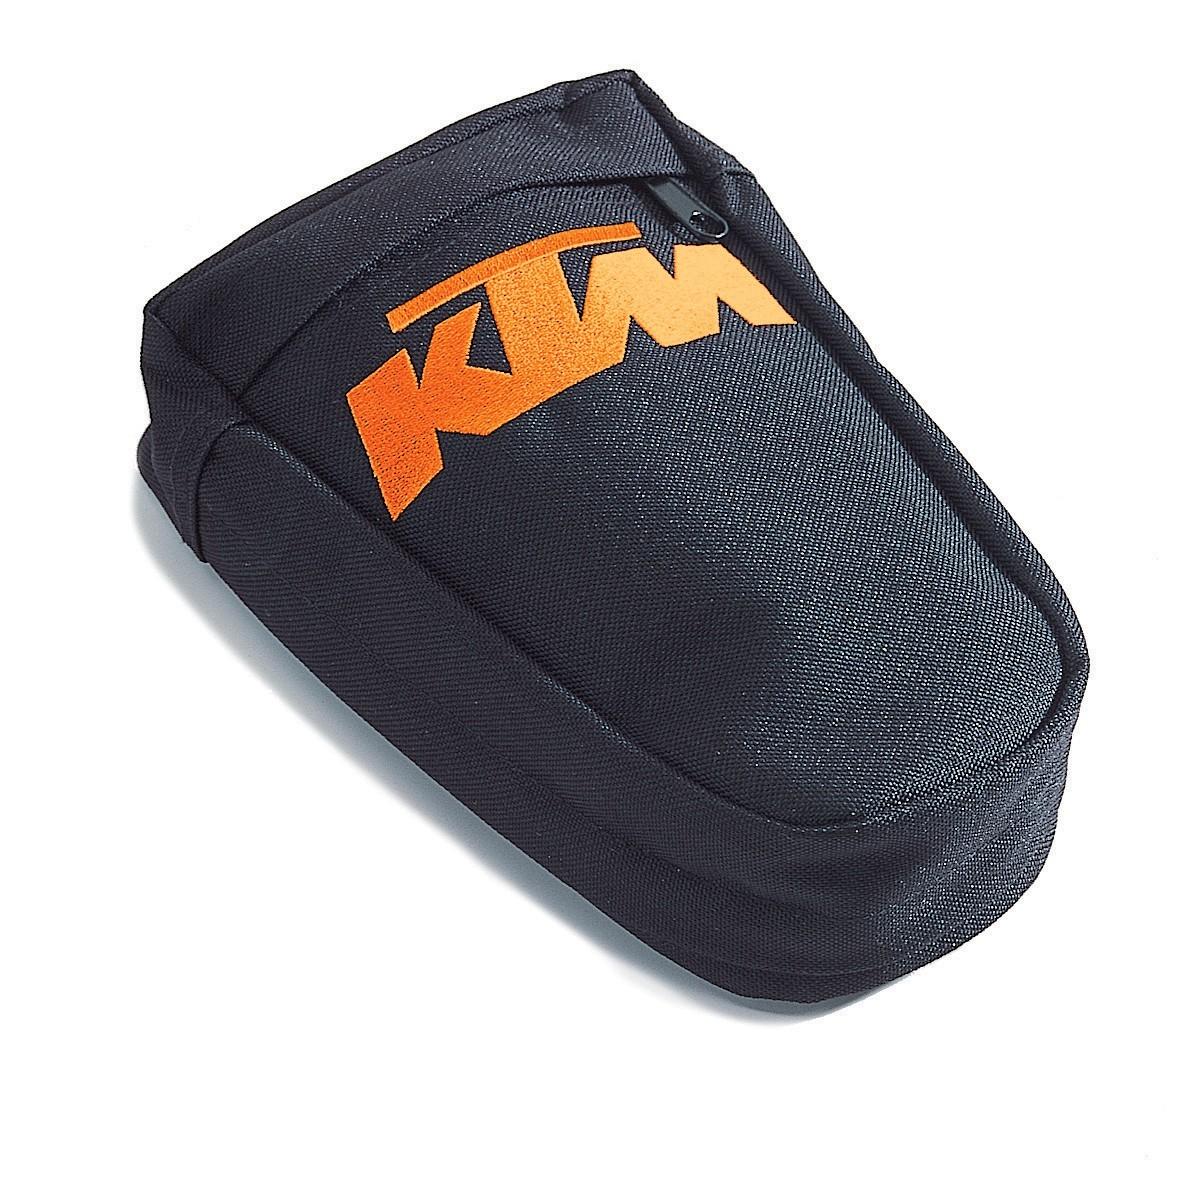 Bolsa de Herramientas KTM - 58312078000 df6a6b960ca8